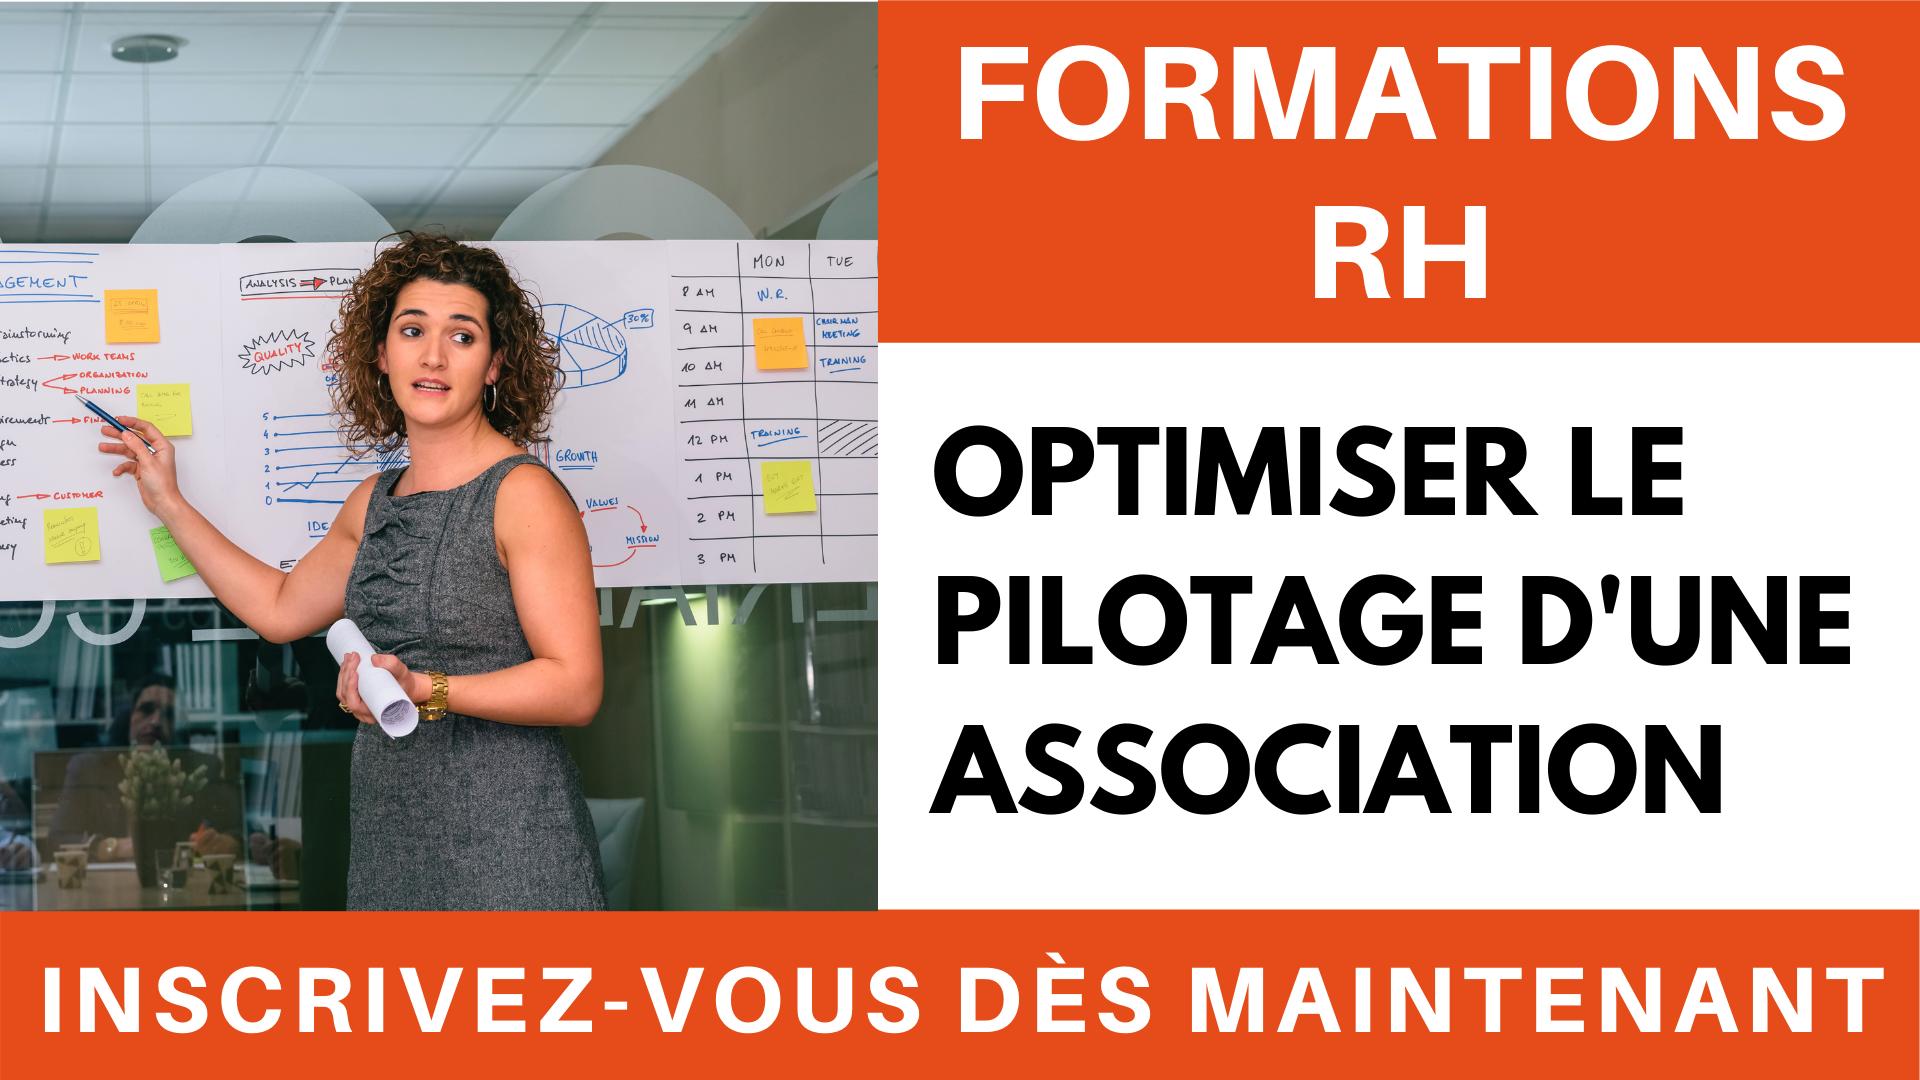 Formation RH - Optimiser le pilotage d'une association